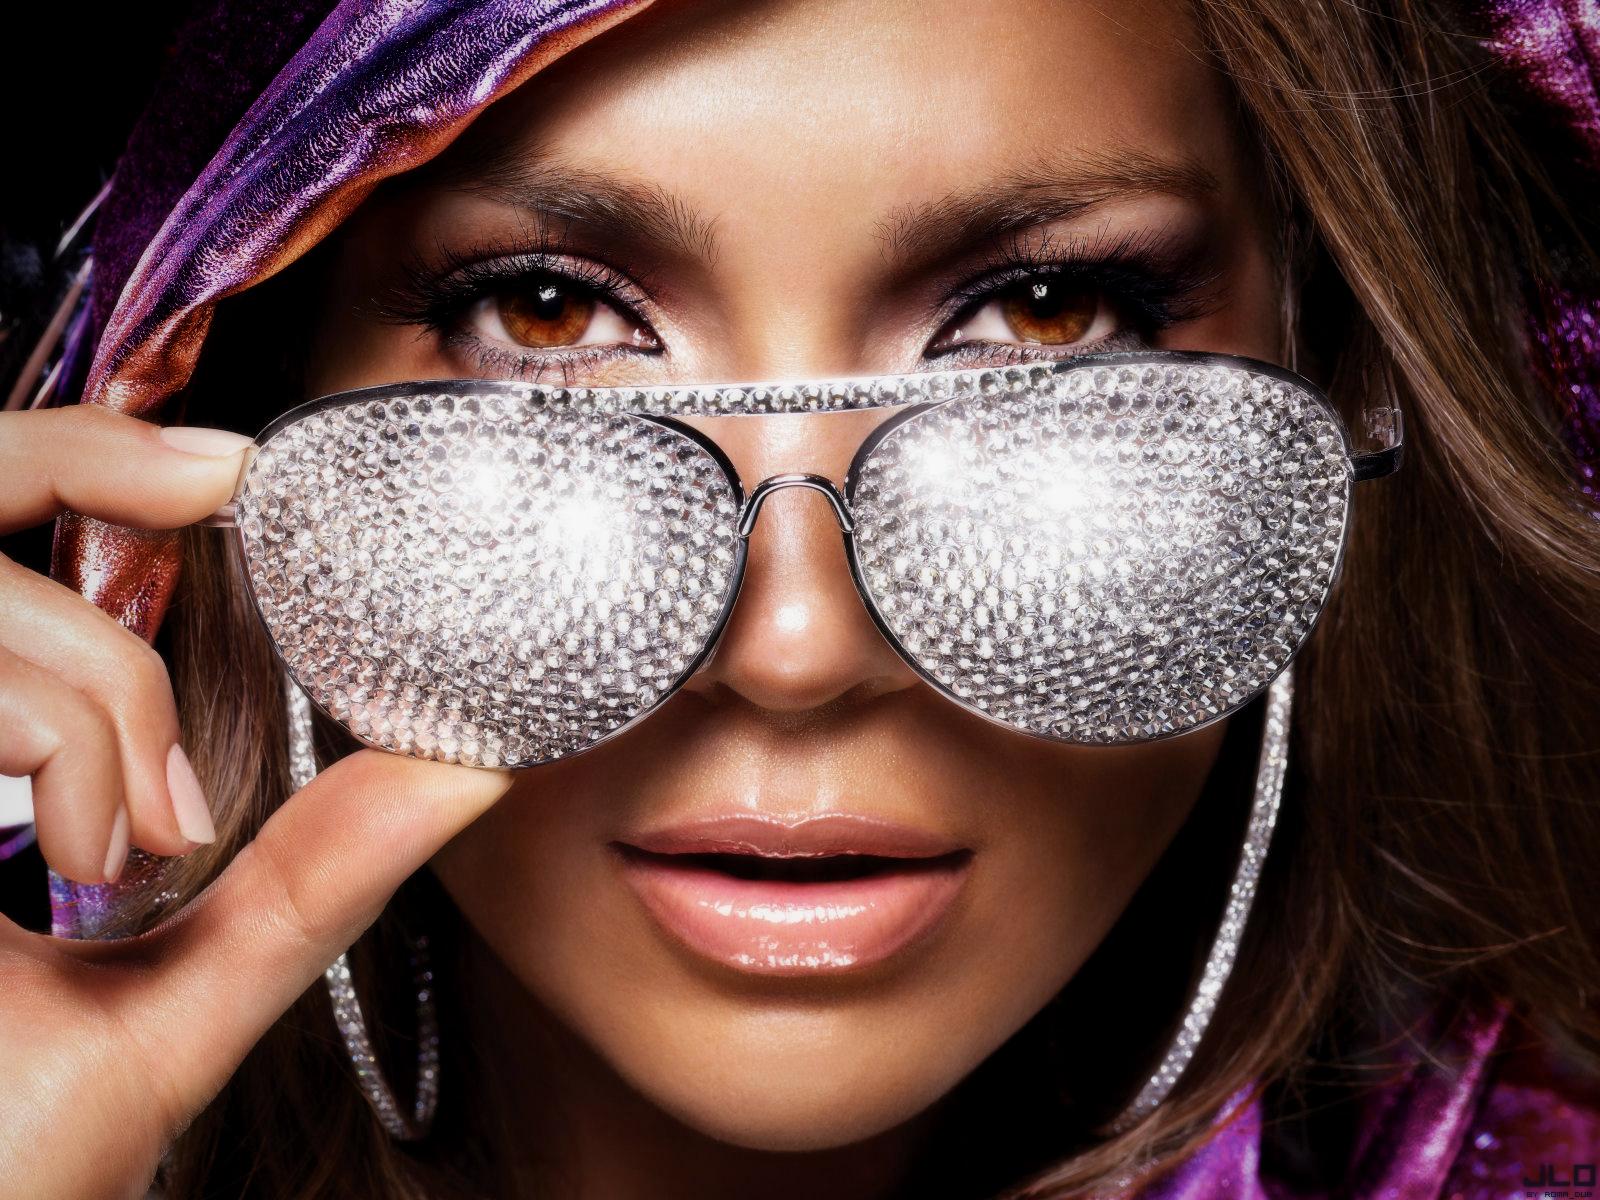 http://4.bp.blogspot.com/-0NbpLb2Oxsk/T2JvSFqZa1I/AAAAAAAAEQc/Yd3AaTdjgAQ/s1600/Eyes-Latest-HD-Wallpapers-Wall-Dhamaal+%281%29.jpg